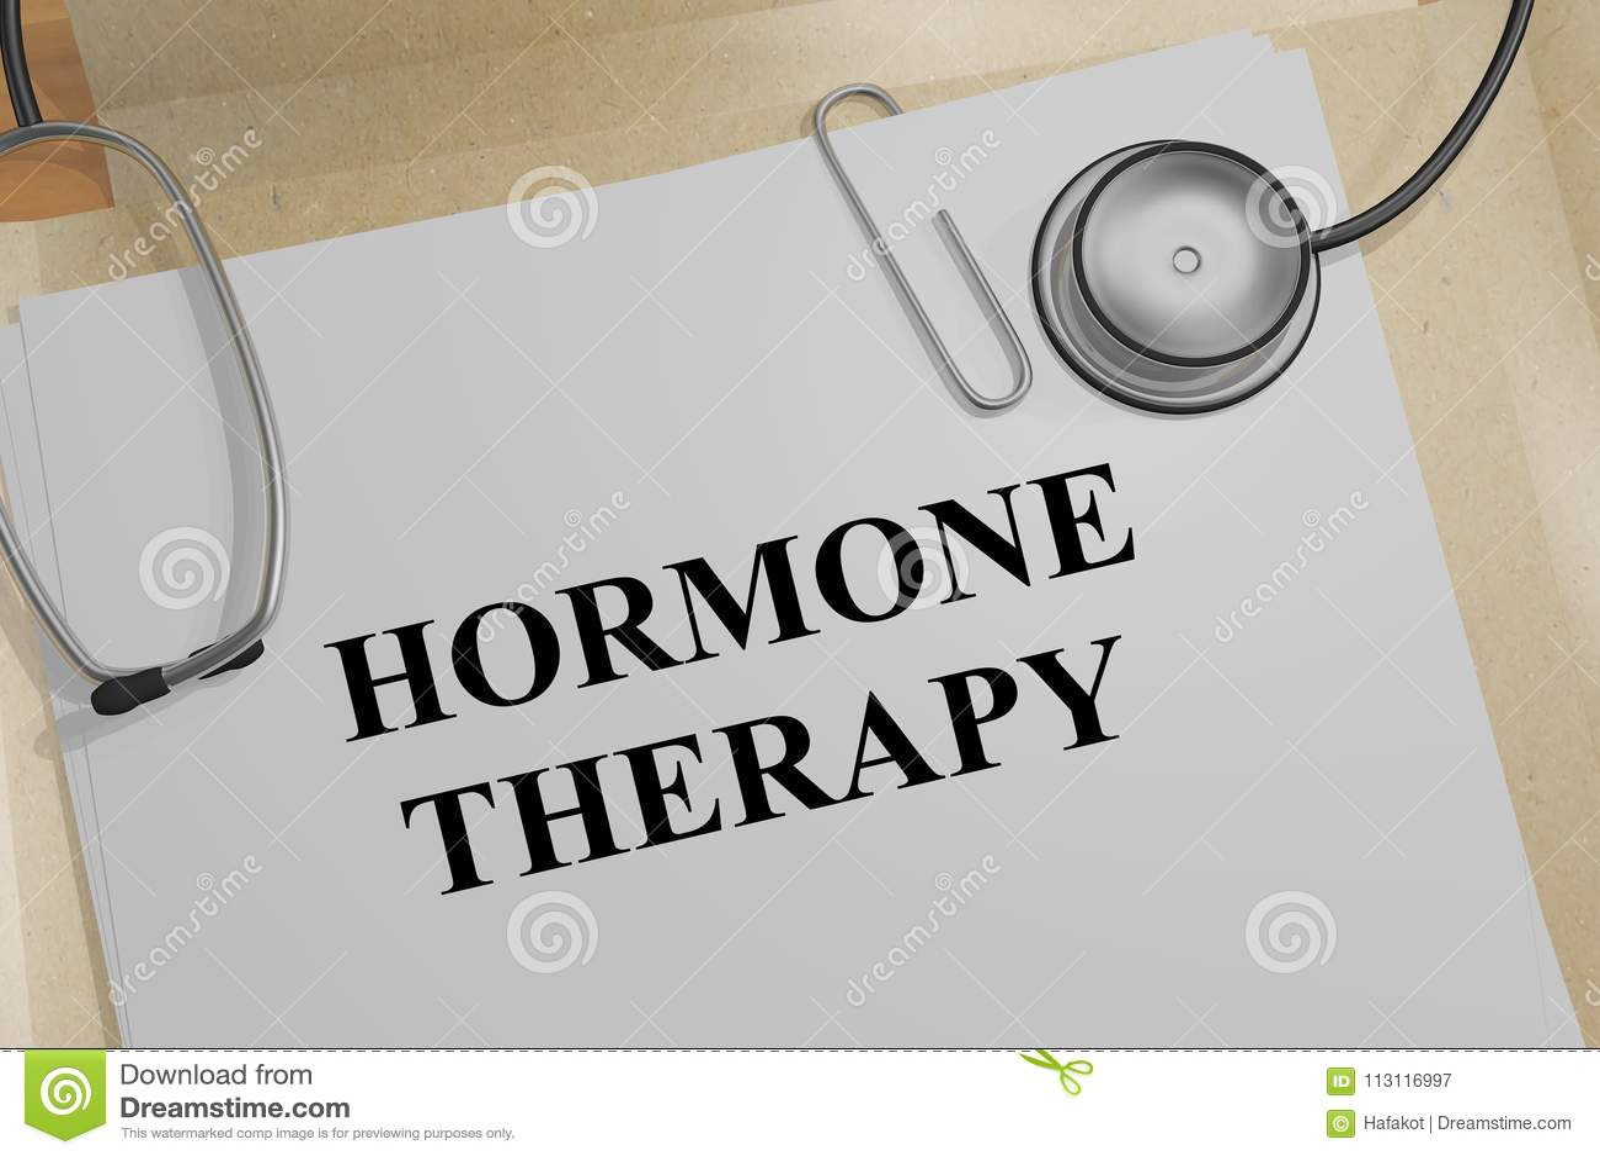 Conceito da terapia da hormona